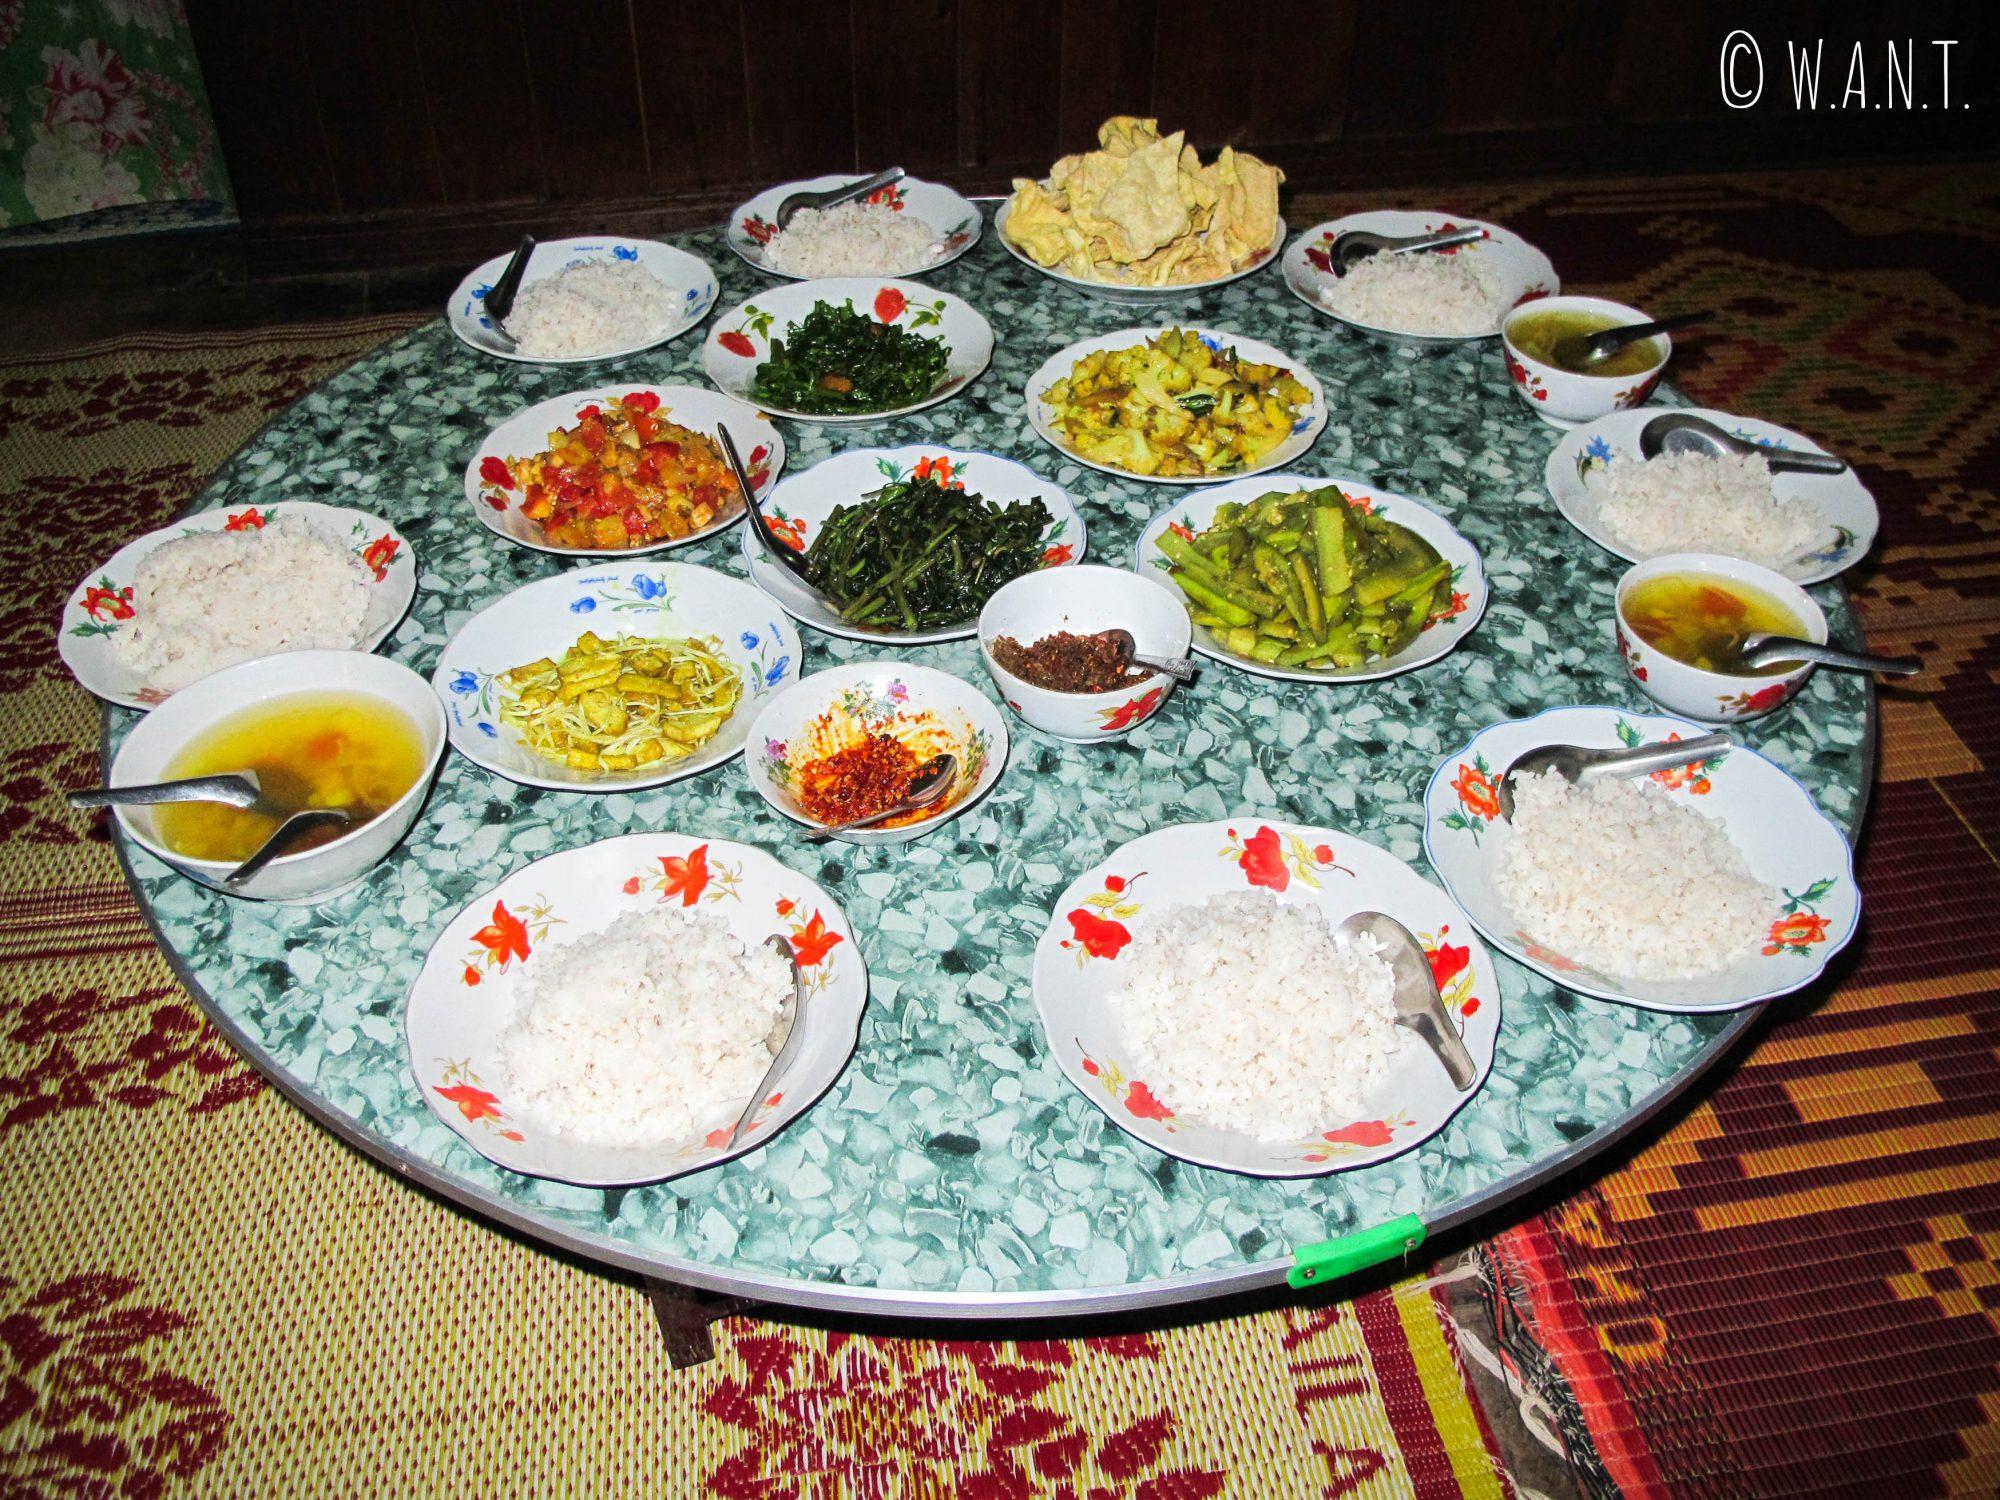 Repas pris en famille devant le feuilleton télévisé local